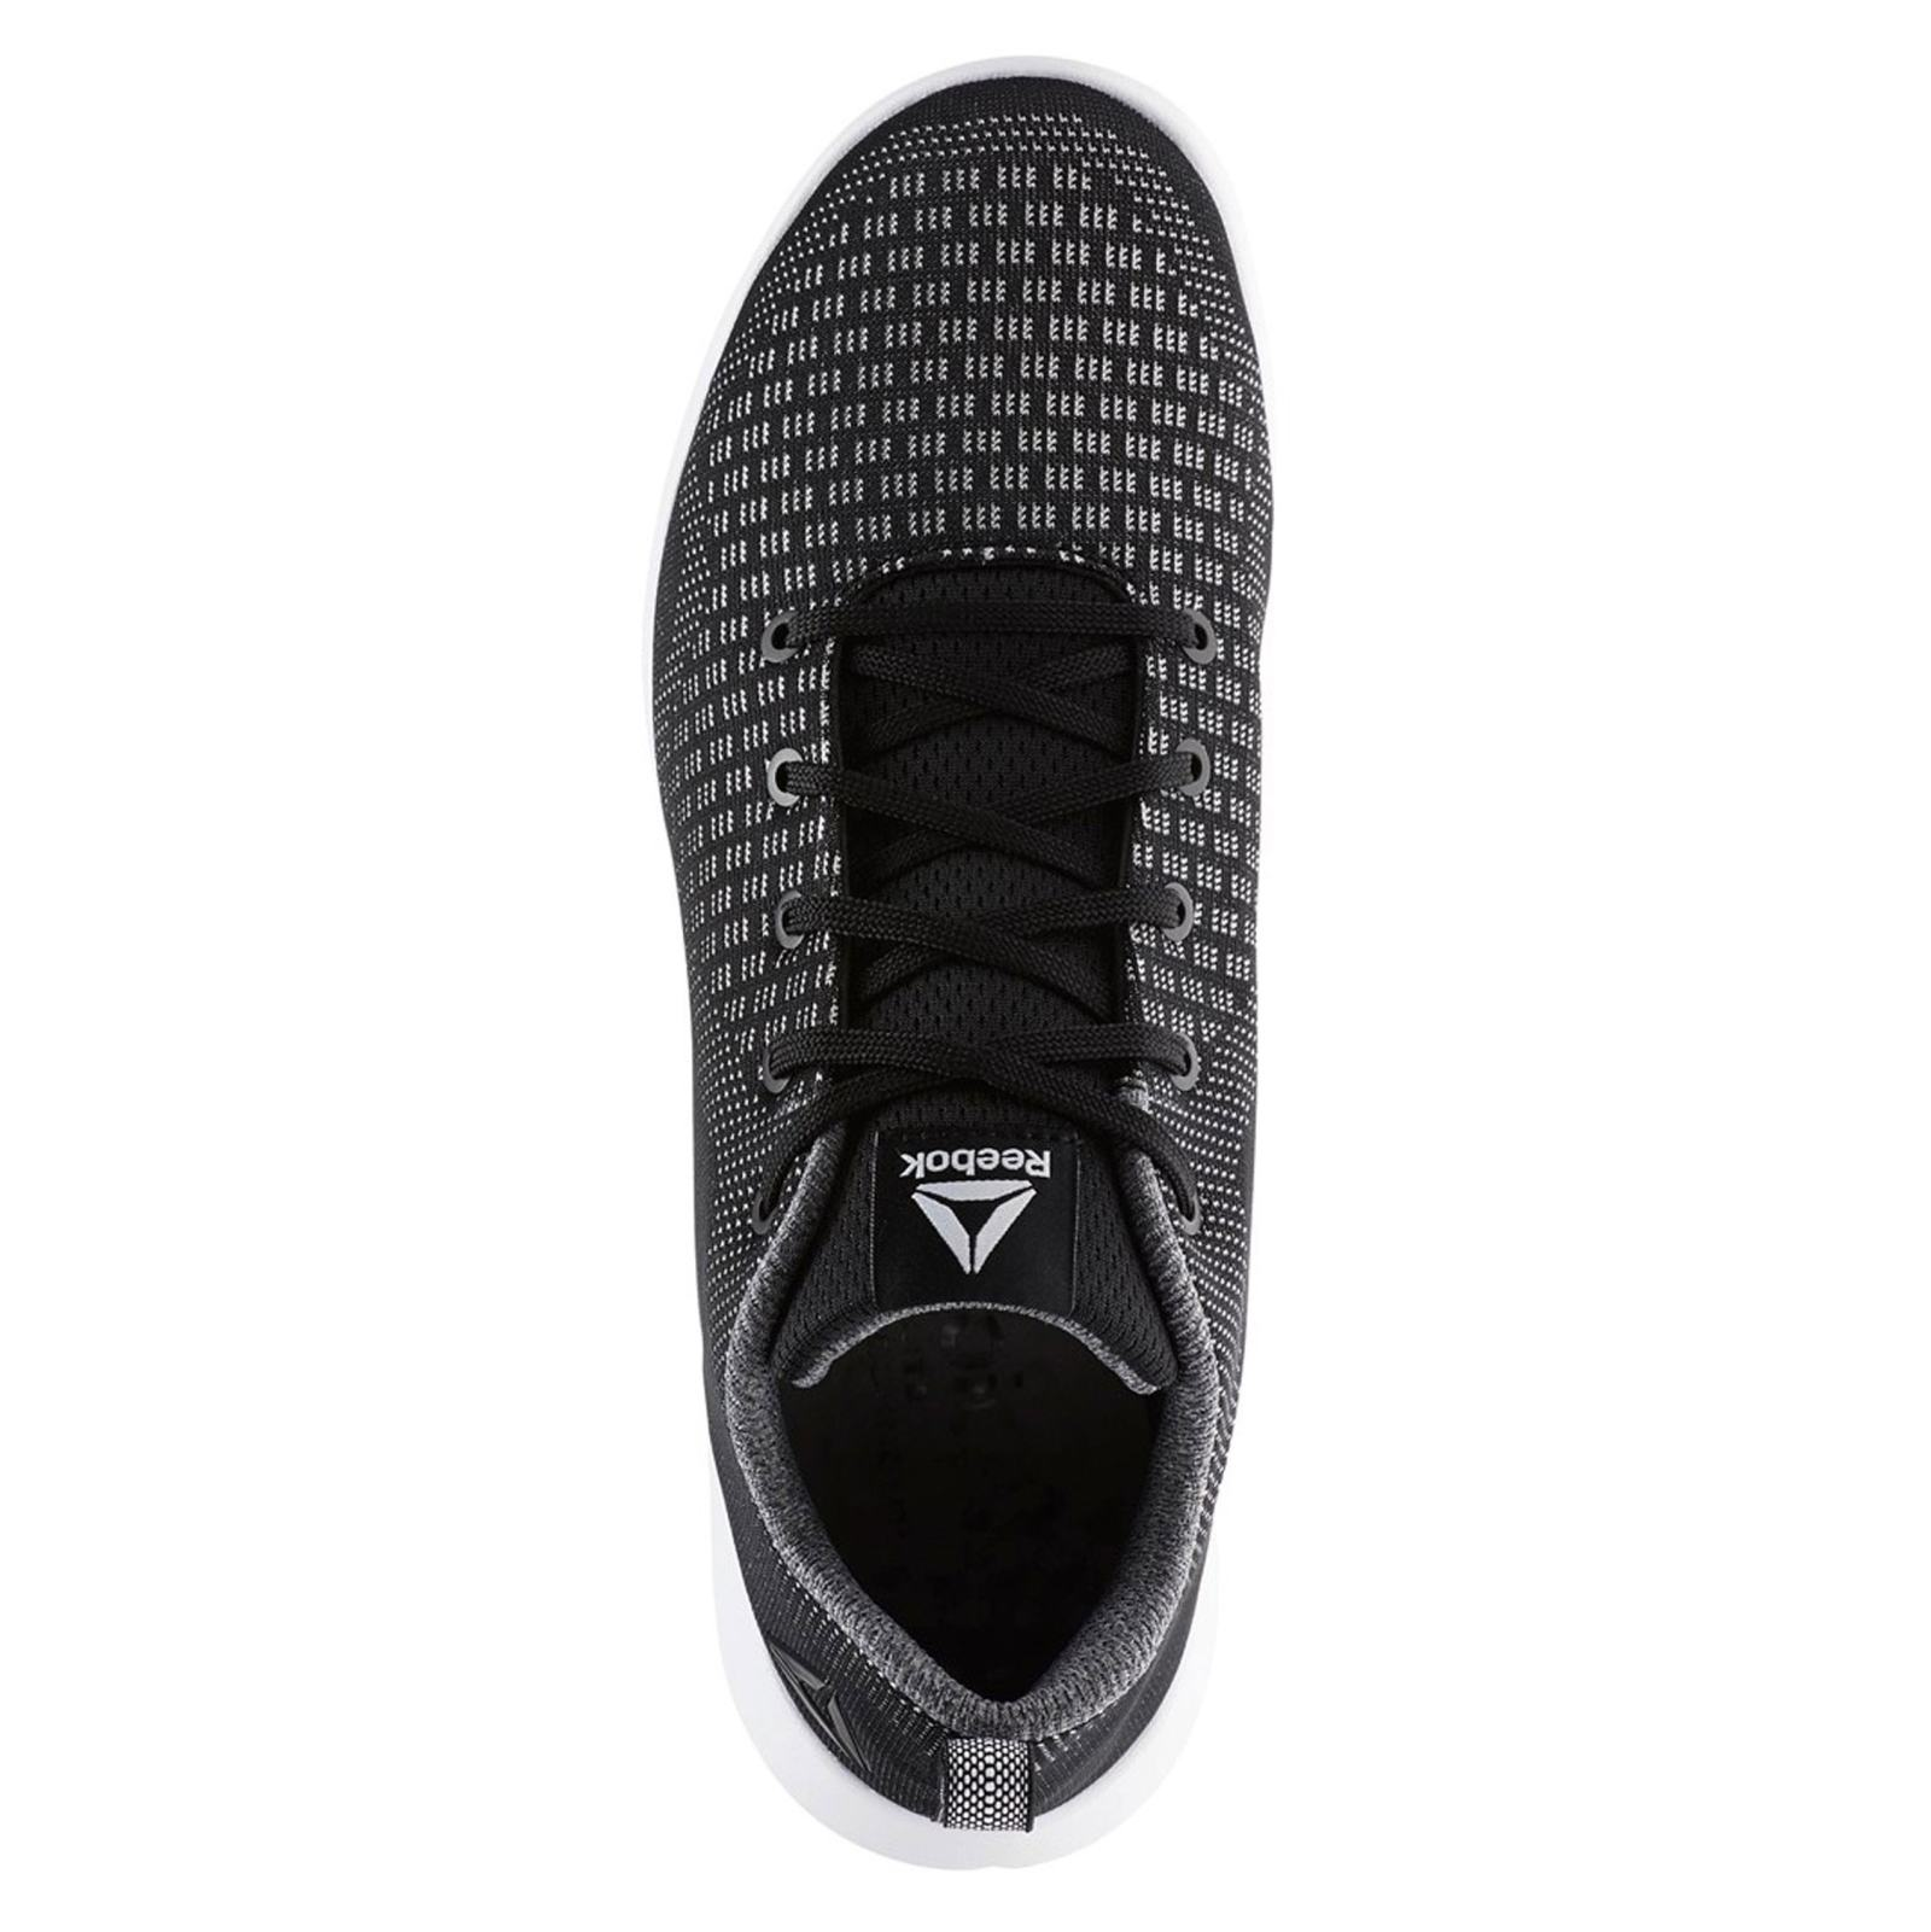 کفش مخصوص پیاده روی زنانه ریباک مدل Esoterra DMX Lite - مشکی - 2